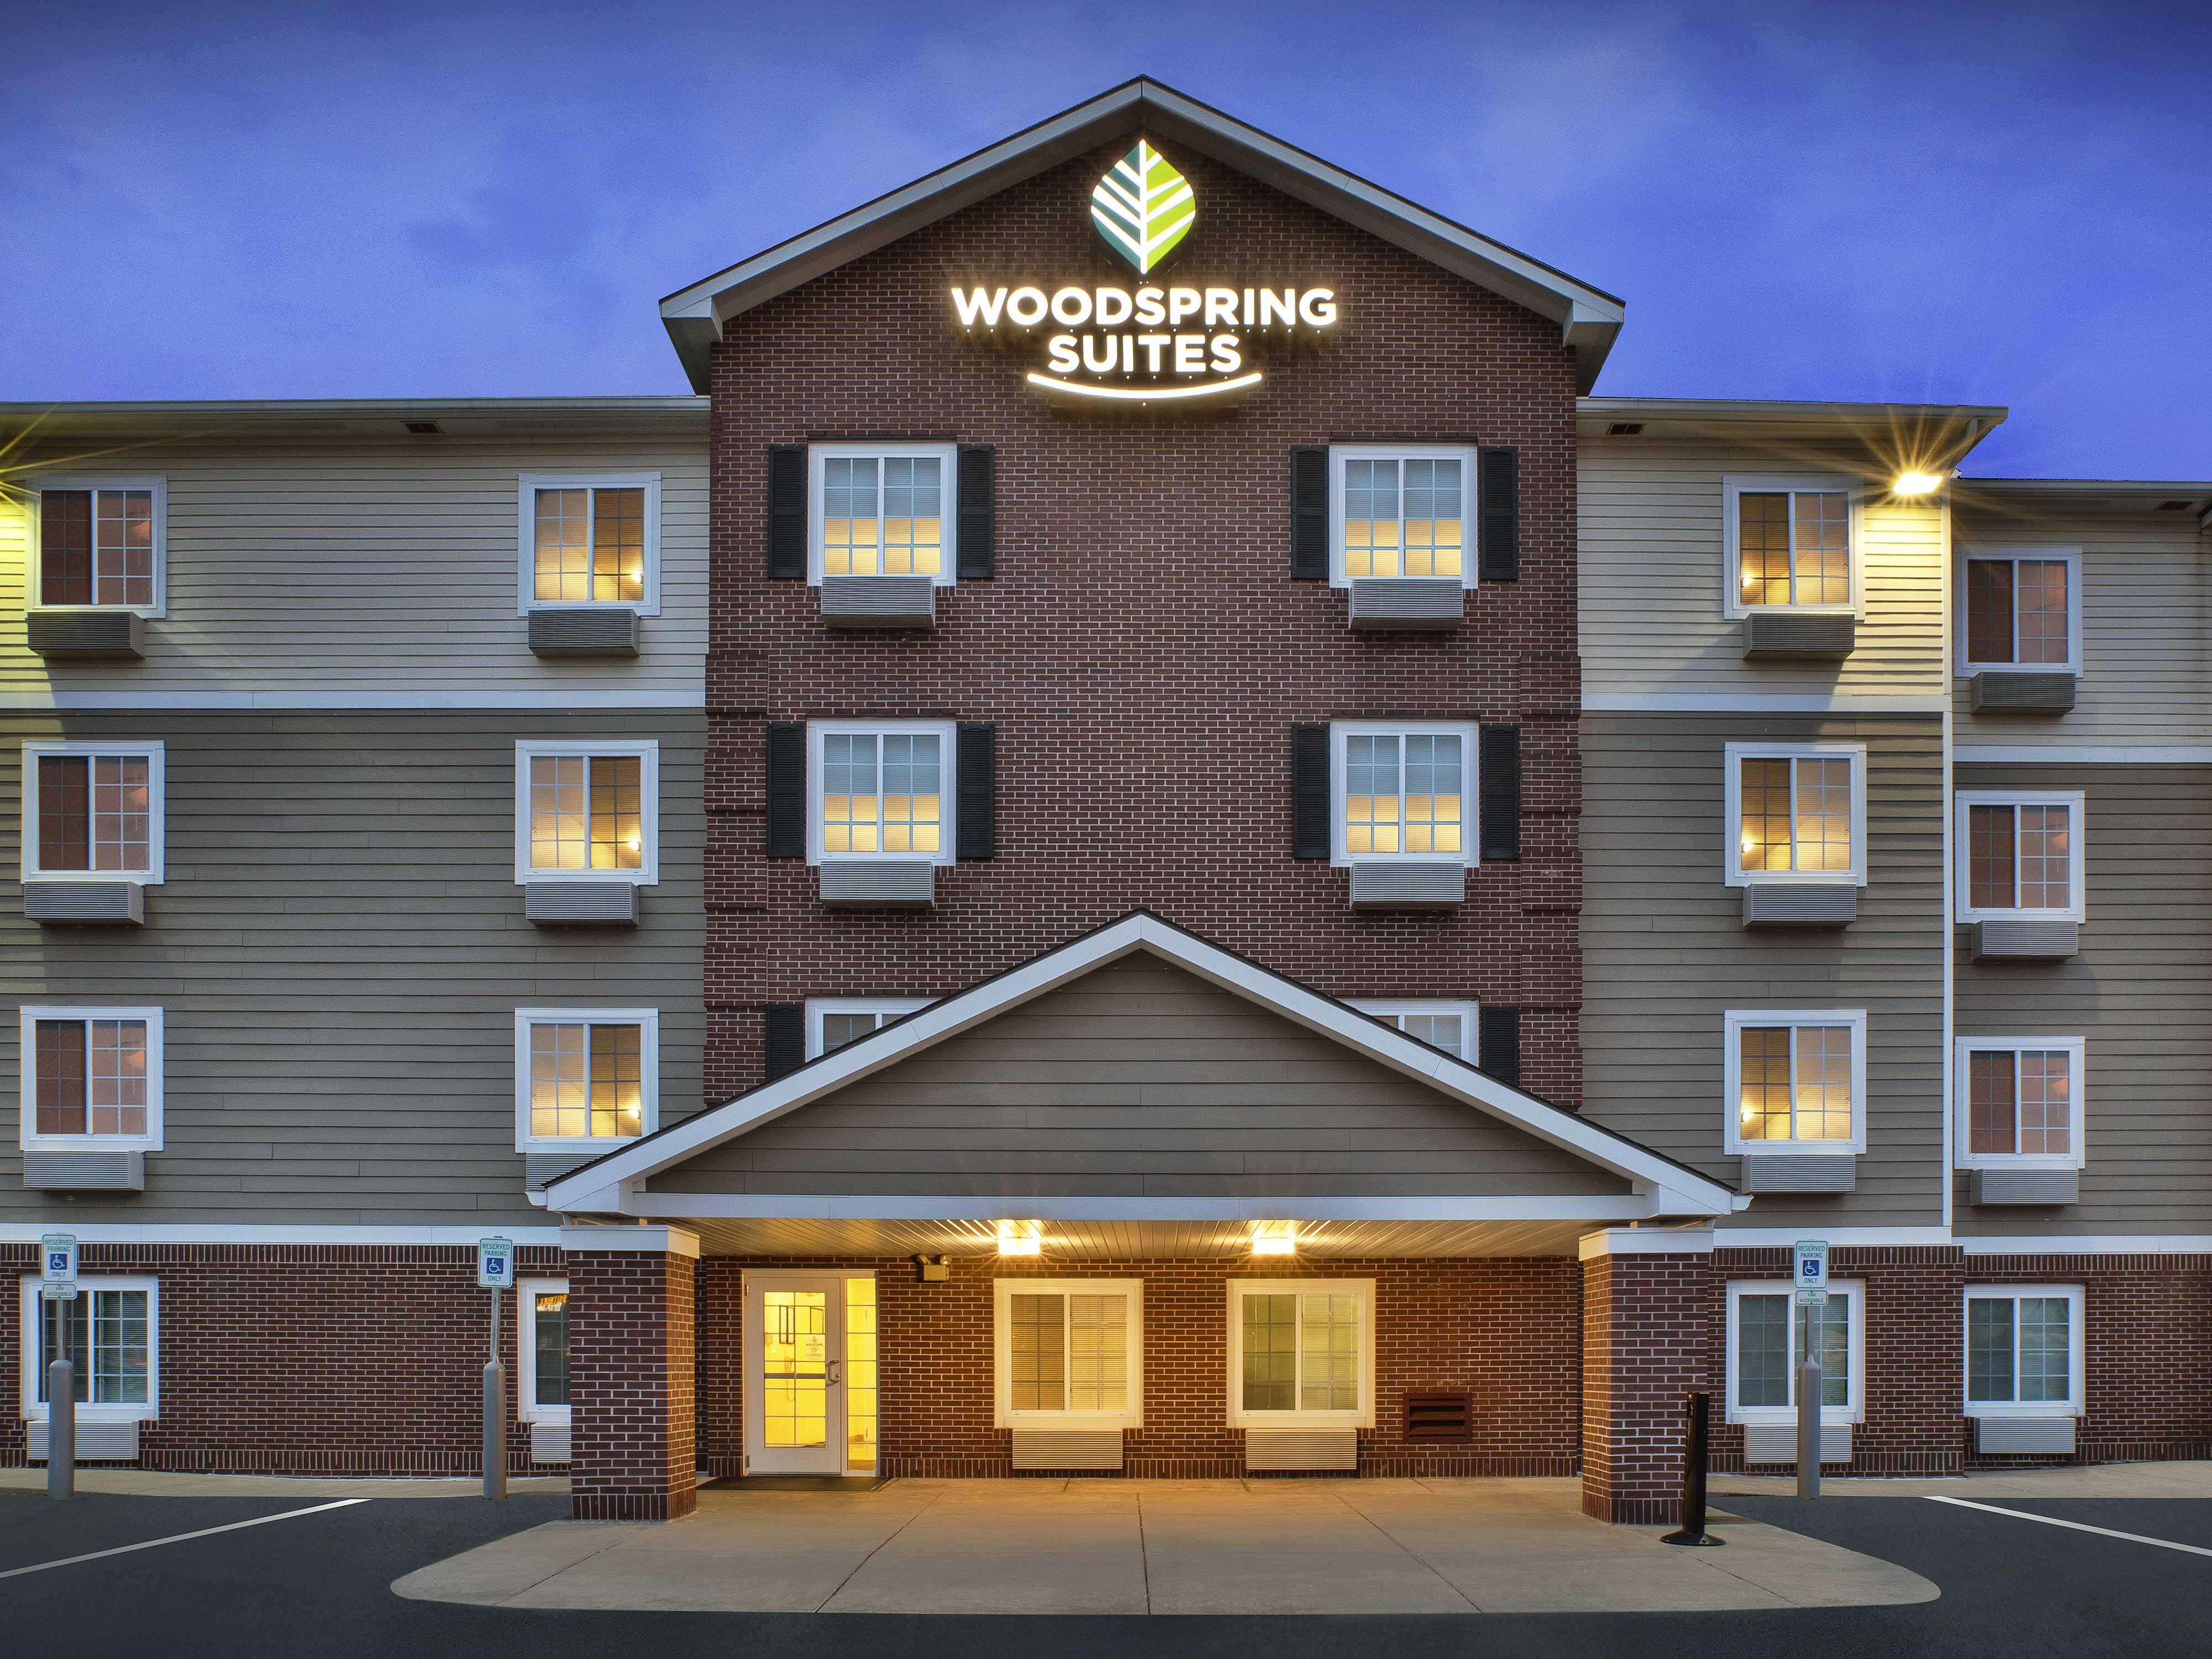 WoodSpring Suites Grand Rapids Holland image 1